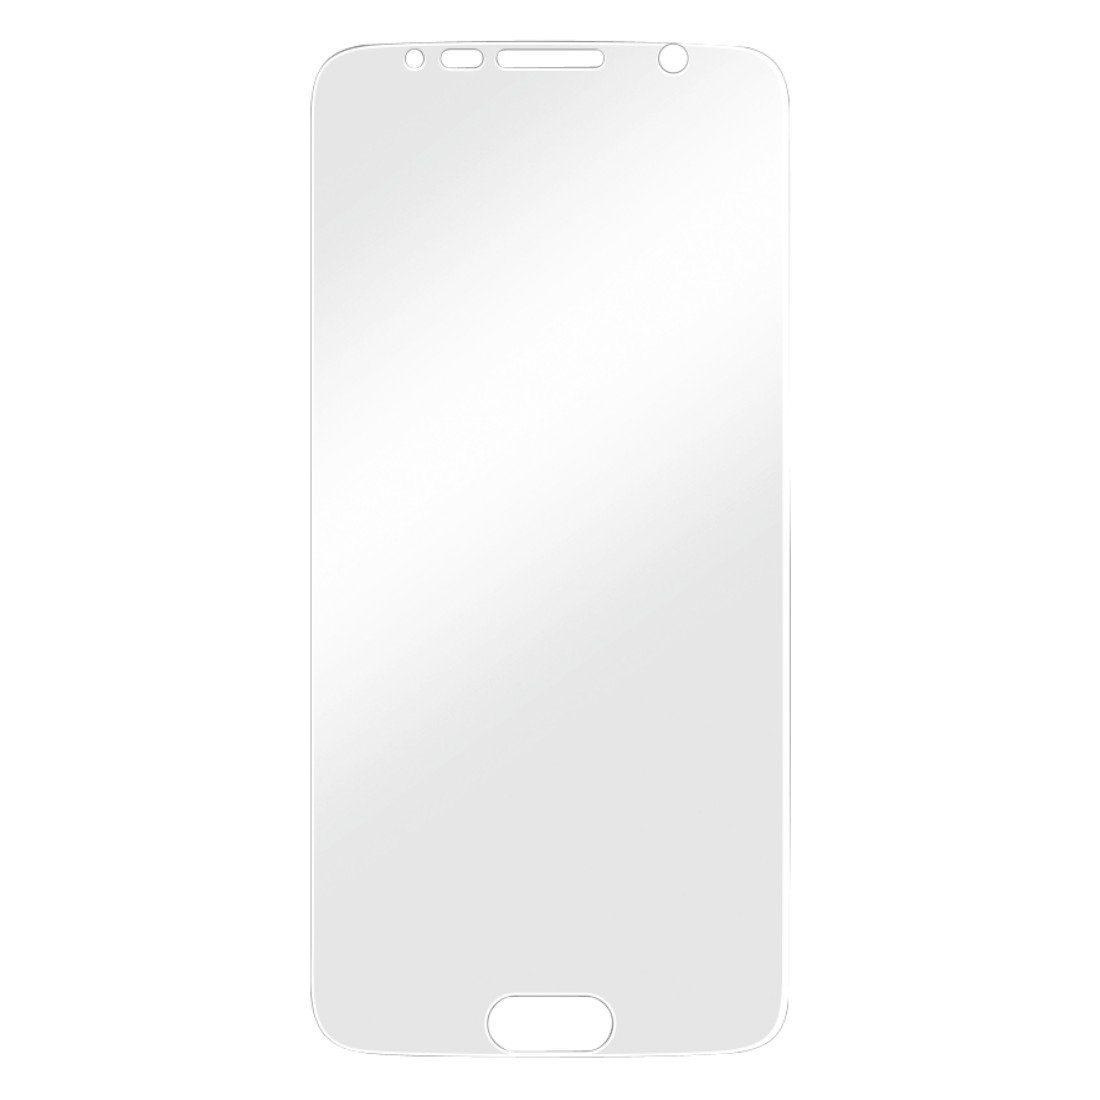 Hama Displayschutzfolie für Samsung Galaxy S6, 2er Set »Displayschutz Schutzfolie«